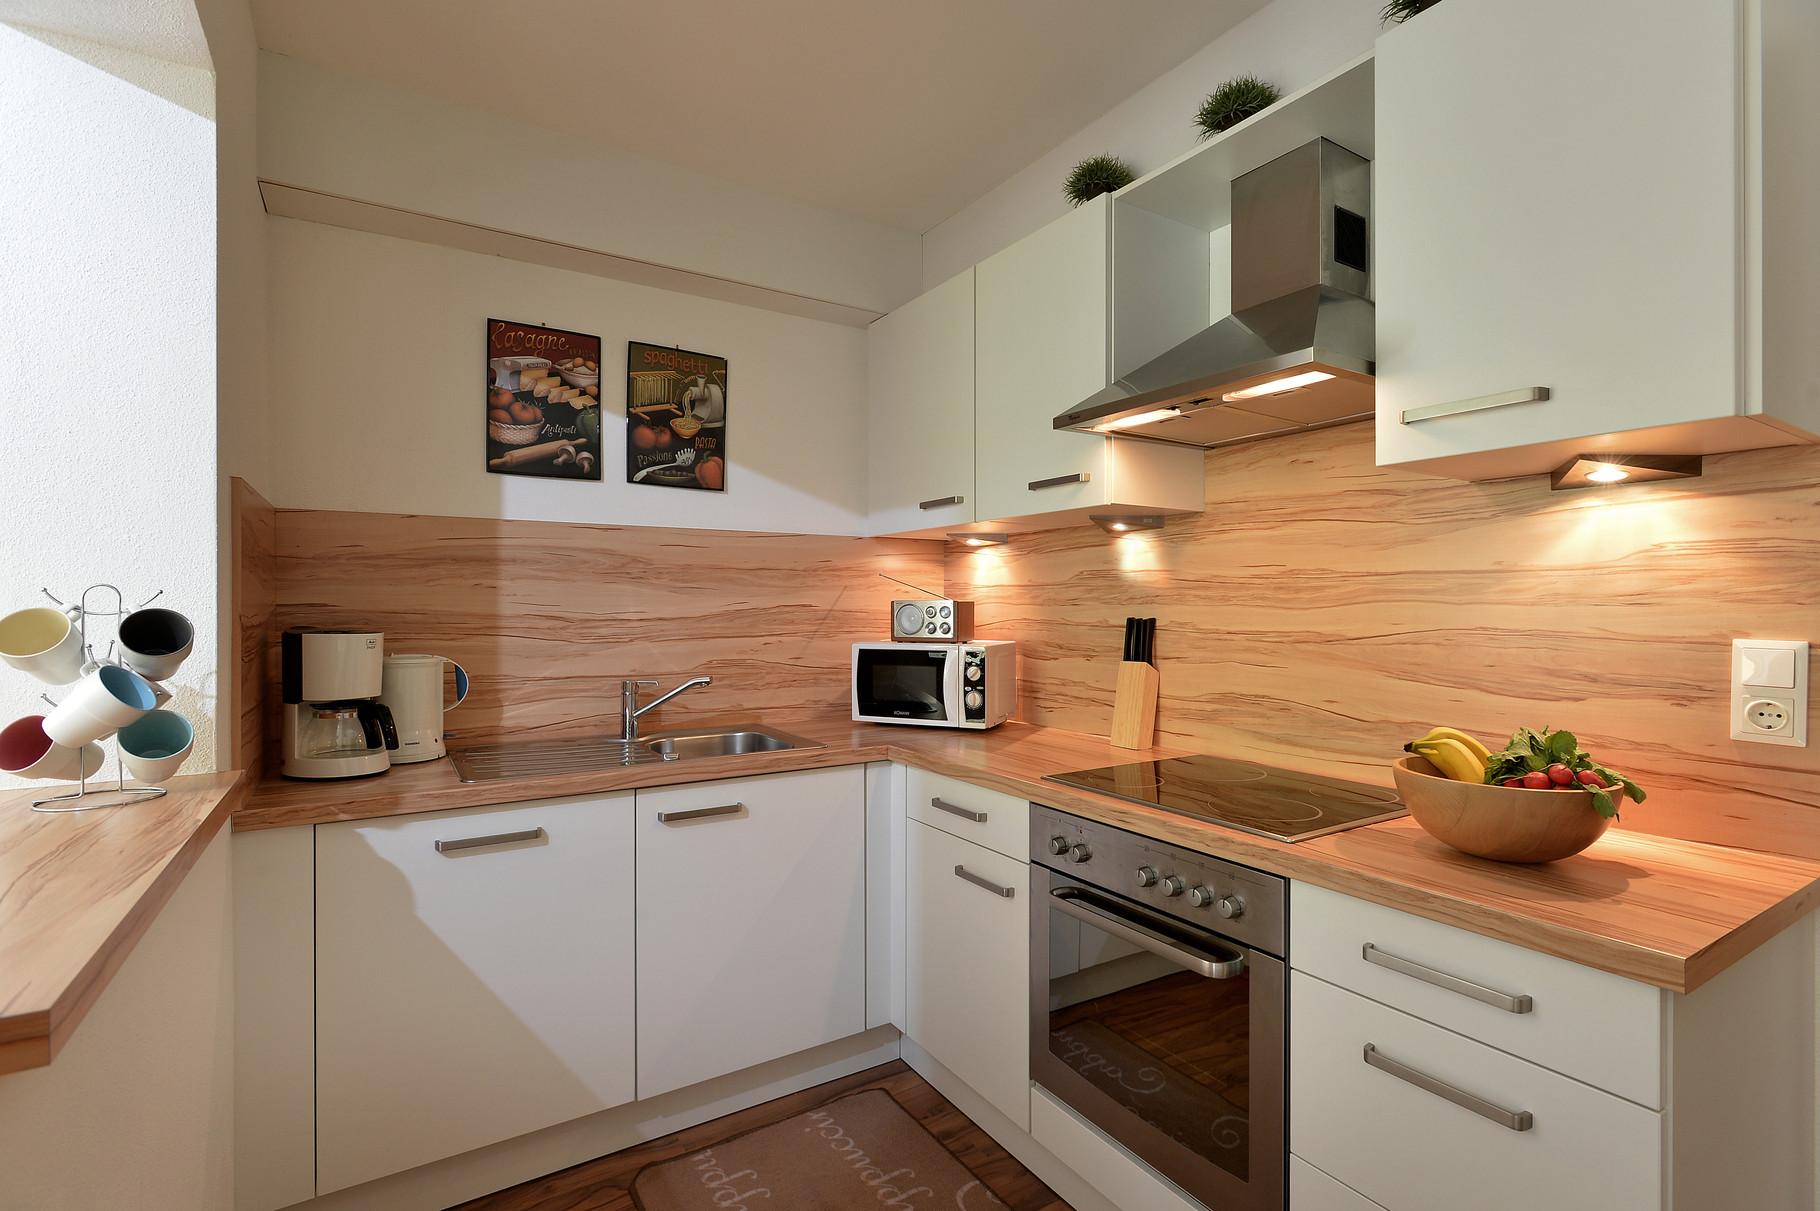 Kochnische mit Geschirrspülmaschine Apartment Sonnalm - Apart Rauch